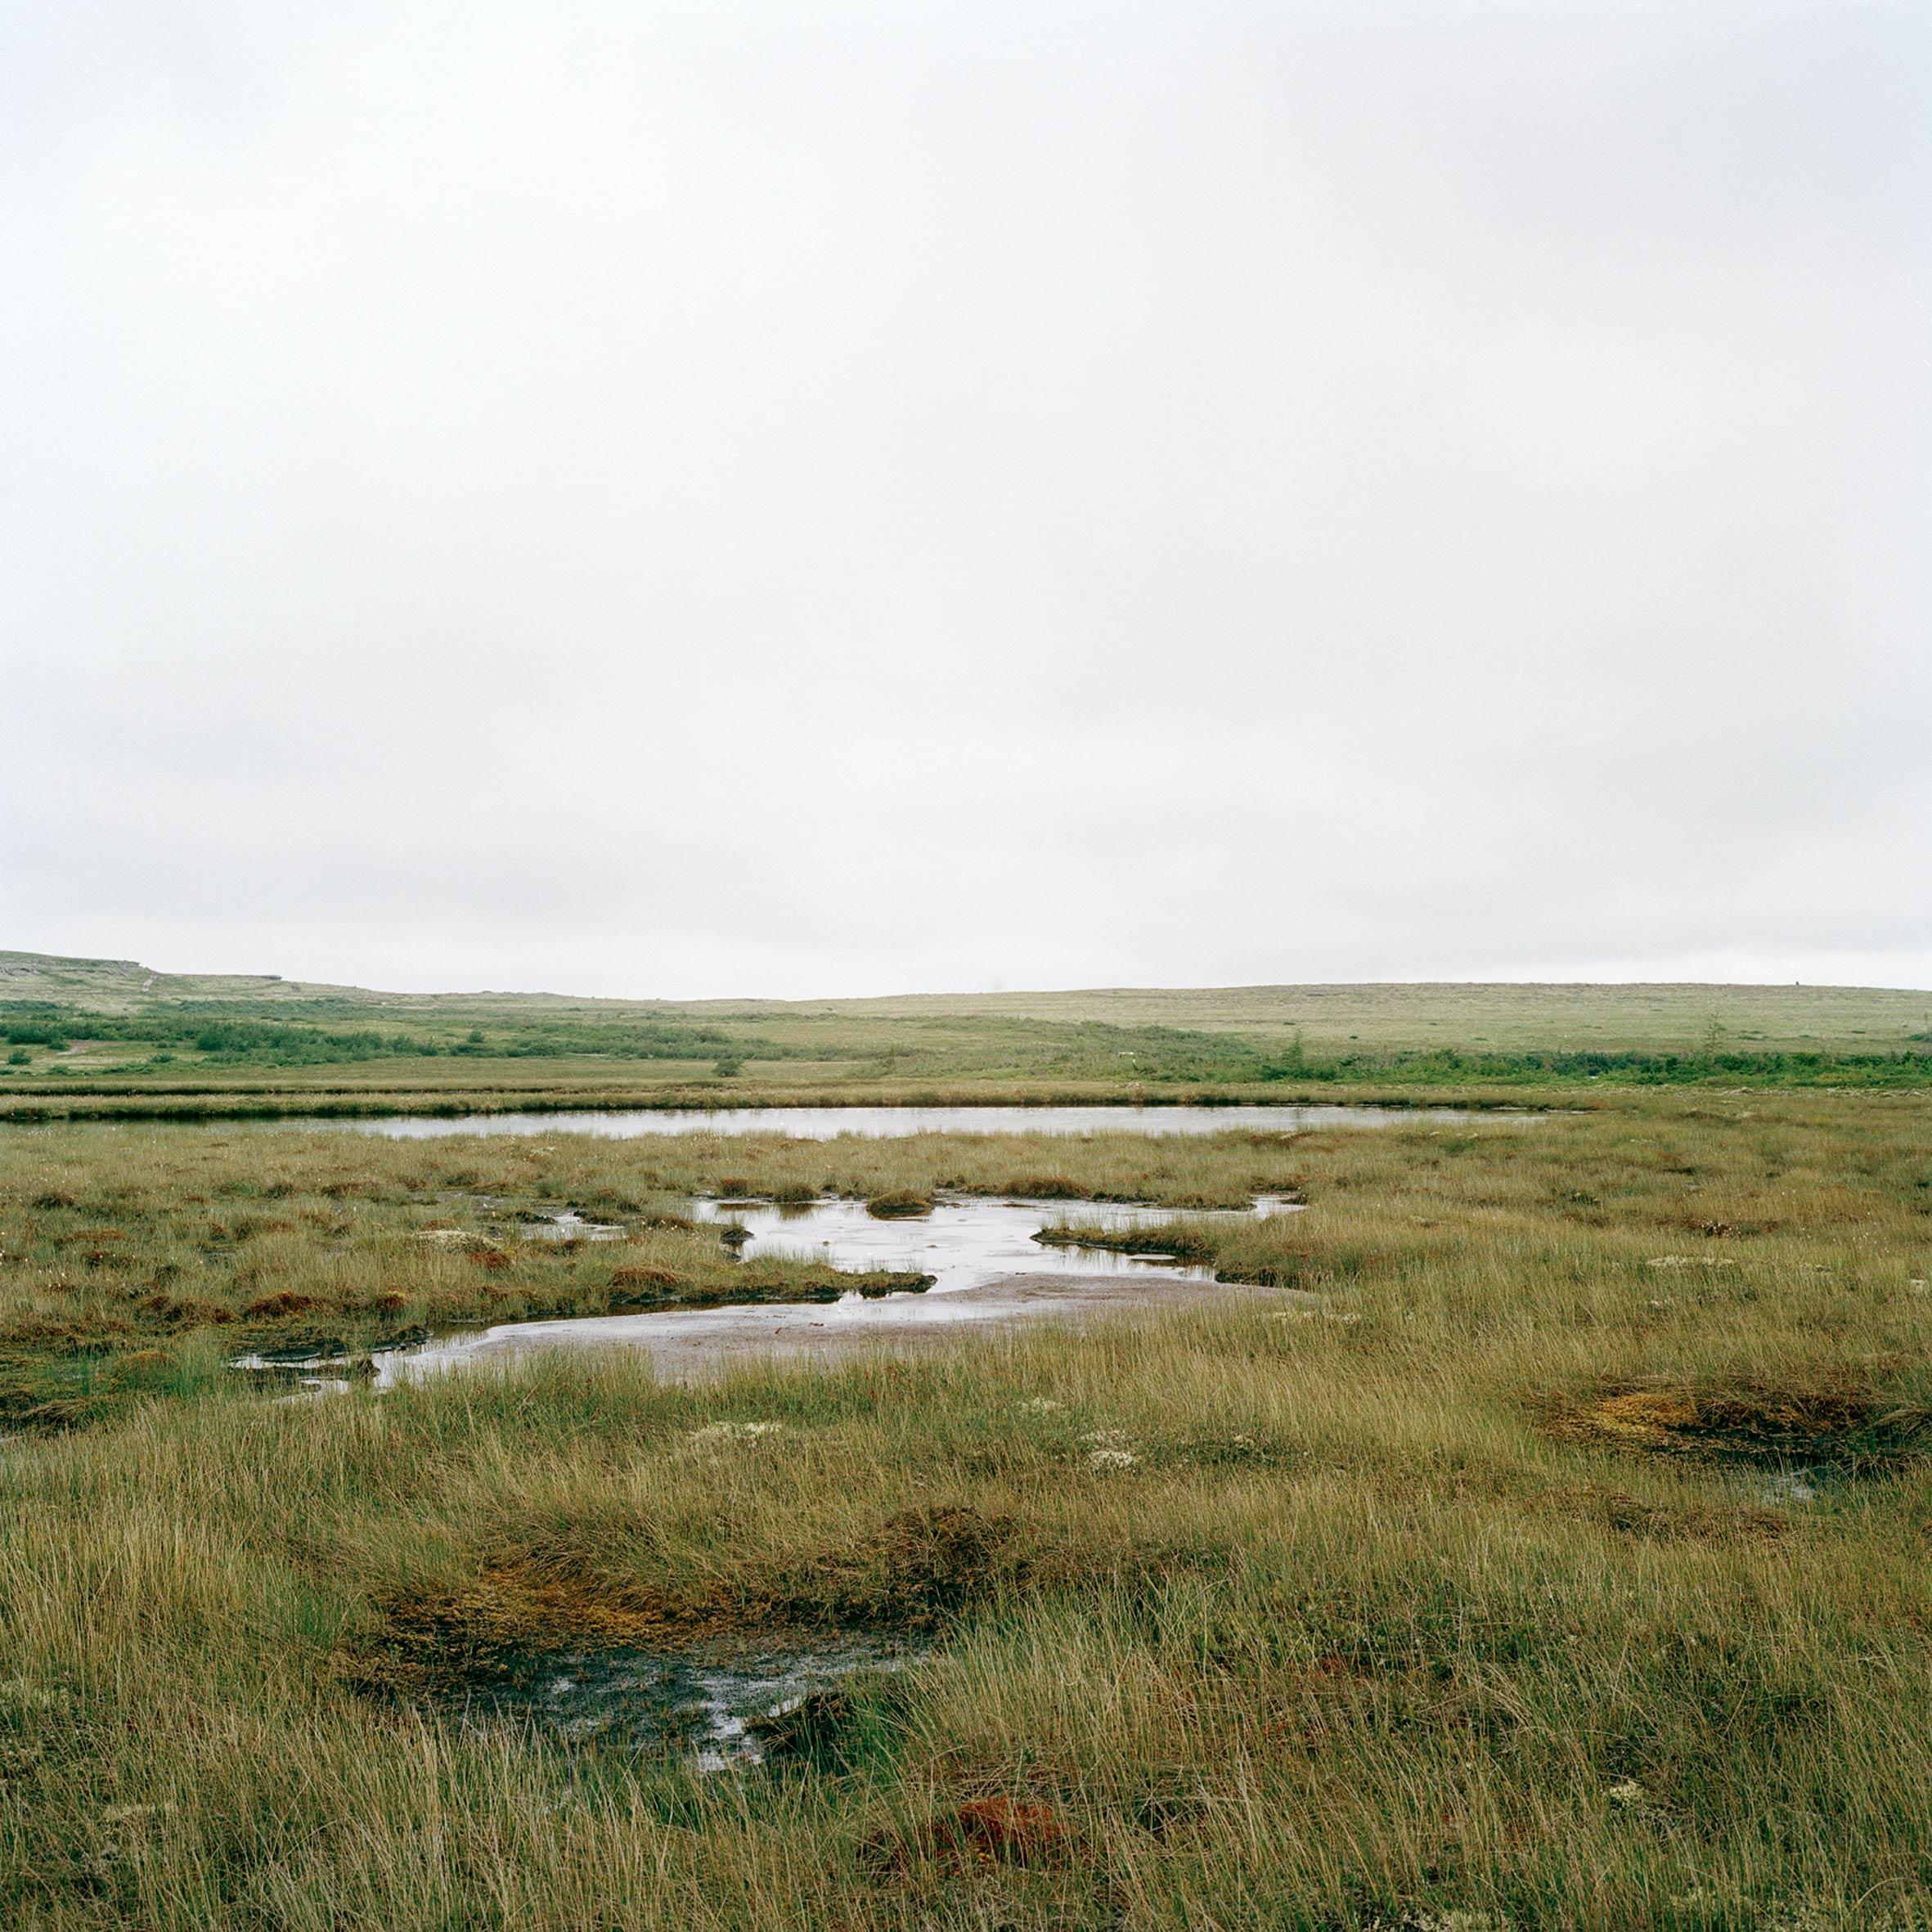 marcher créer, périple autobiographique, territoire du Labrador au Québec, paysage, paysage désertique, eau, ciel